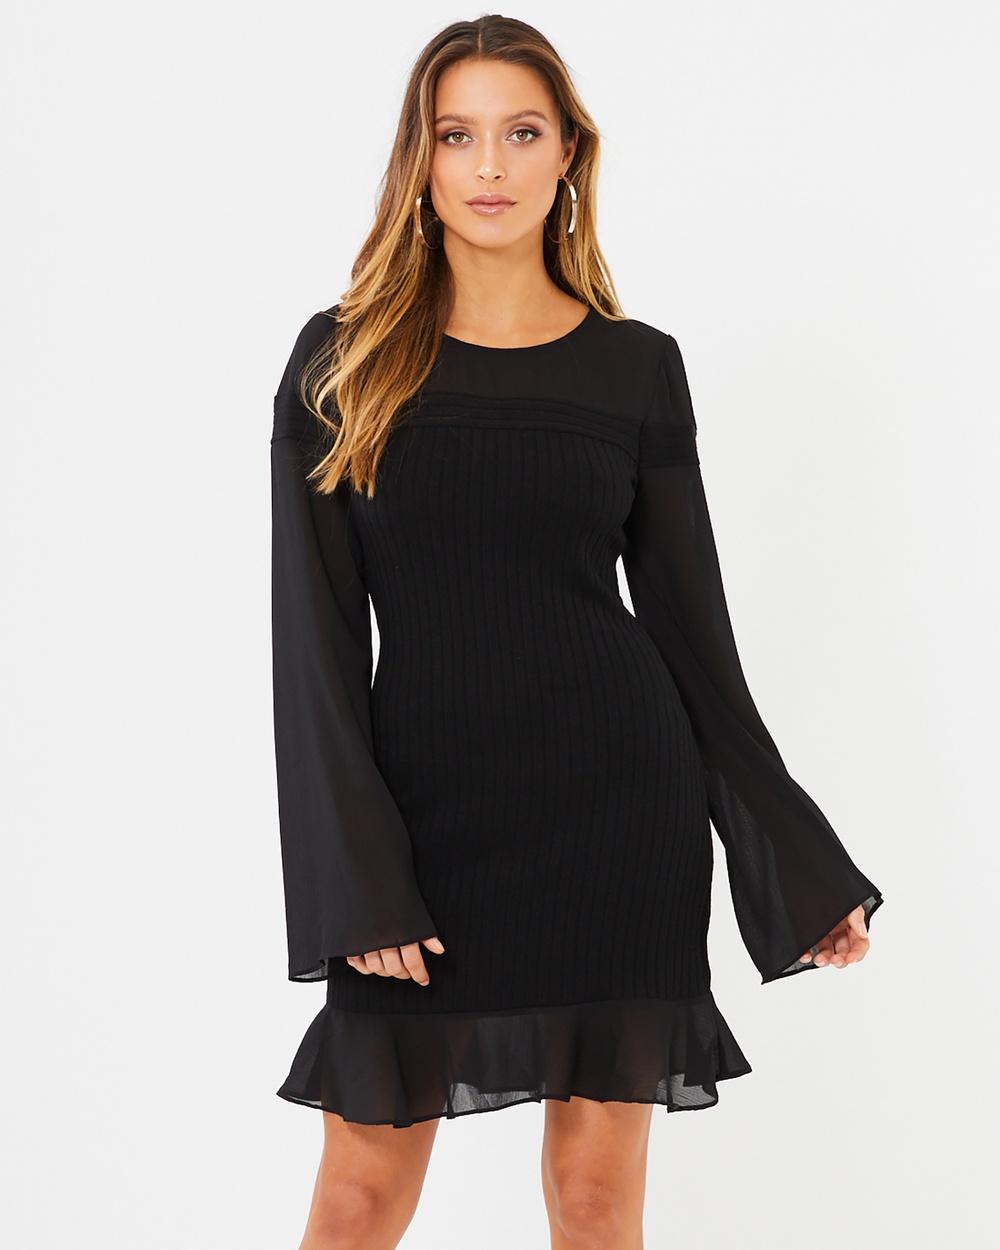 Calli Maelee Dress Dresses Black Maelee Dress